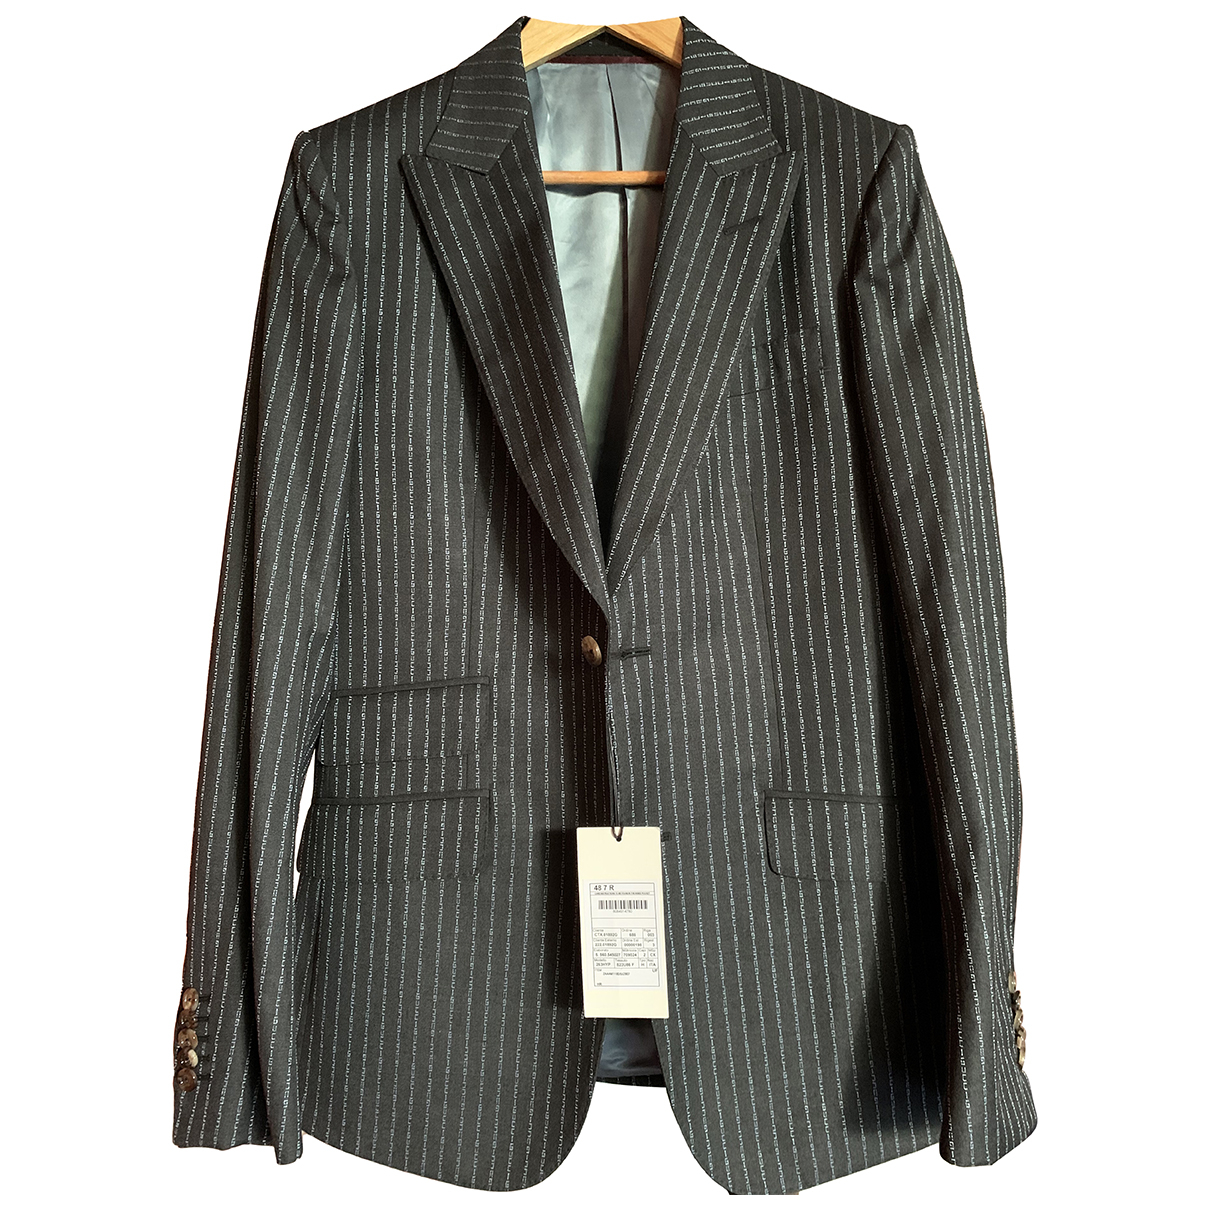 Gucci - Vestes.Blousons   pour homme en laine - anthracite